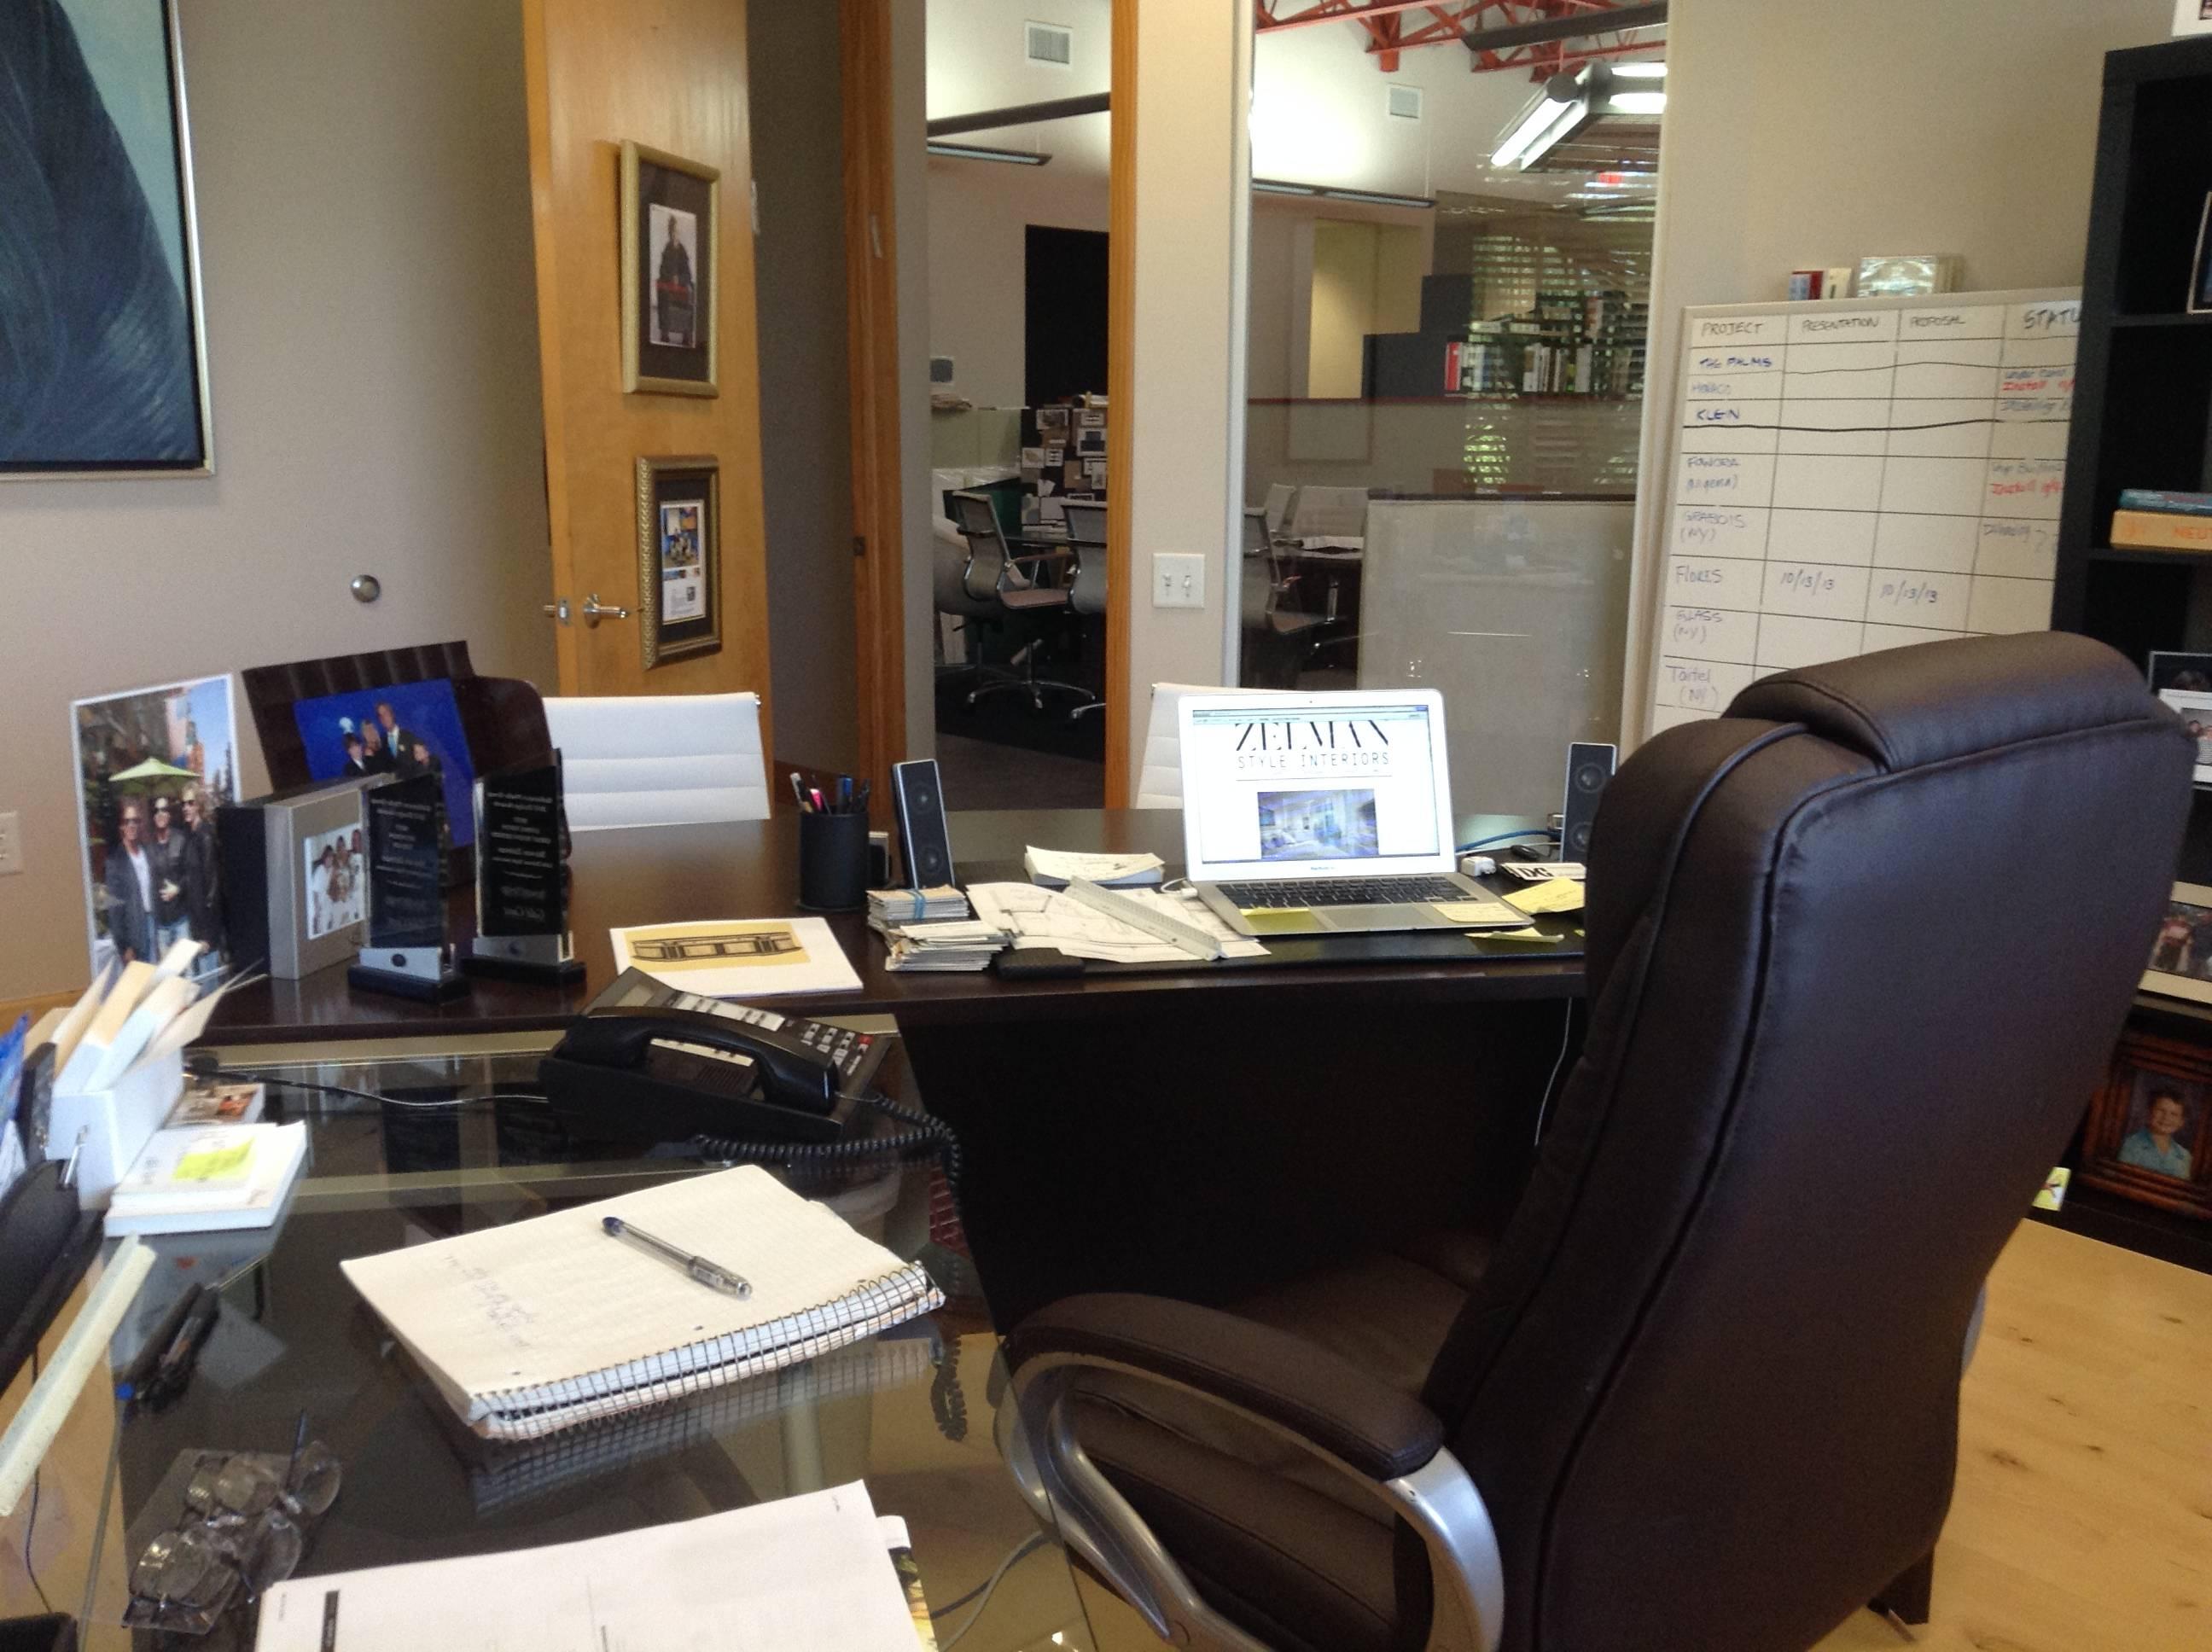 Steven Zelman Desk 1